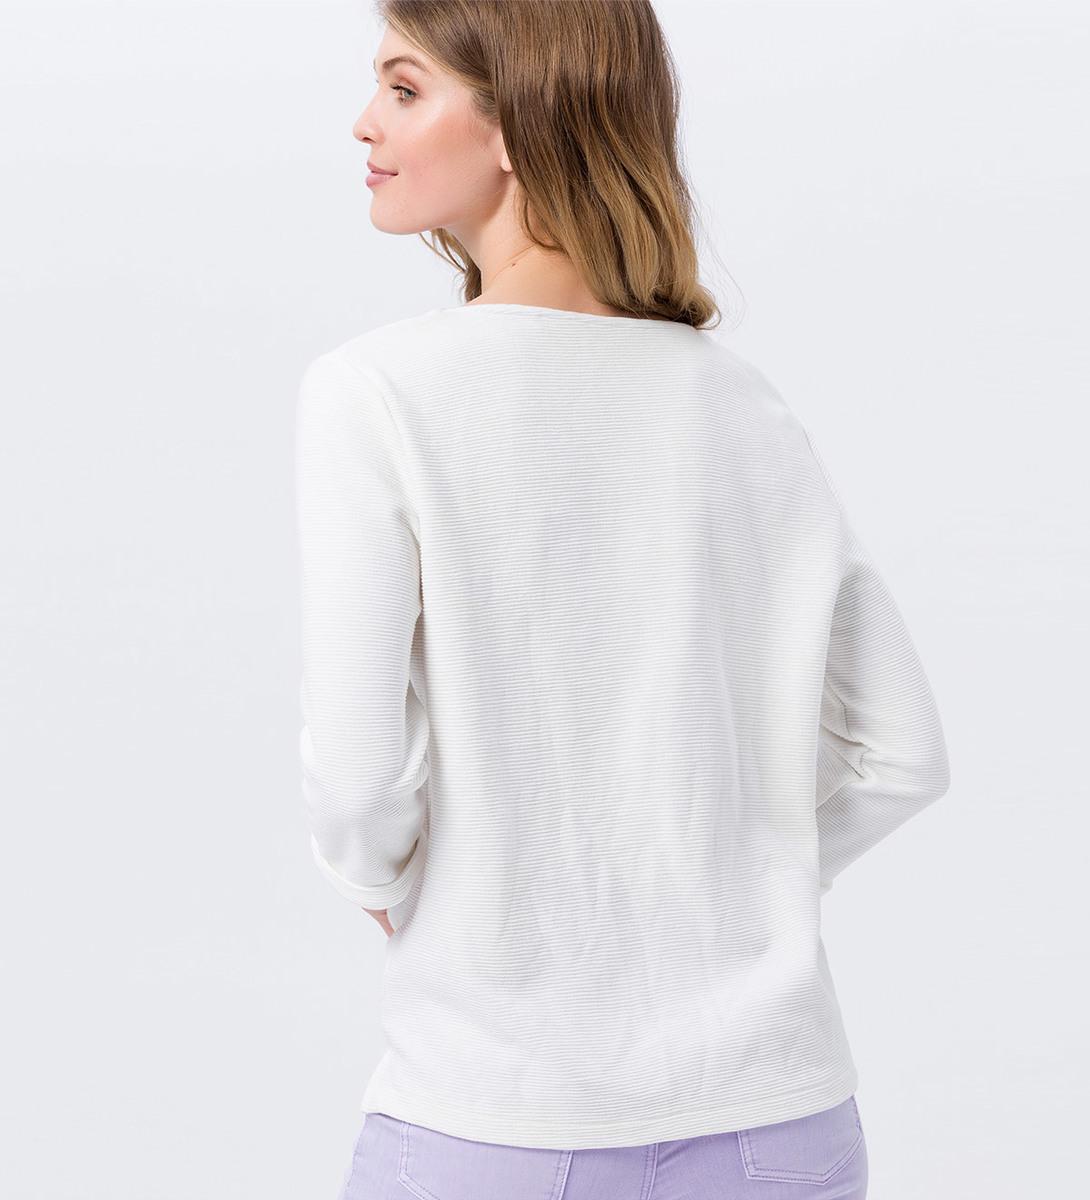 Shirt mit 3/4-Ärmeln in offwhite